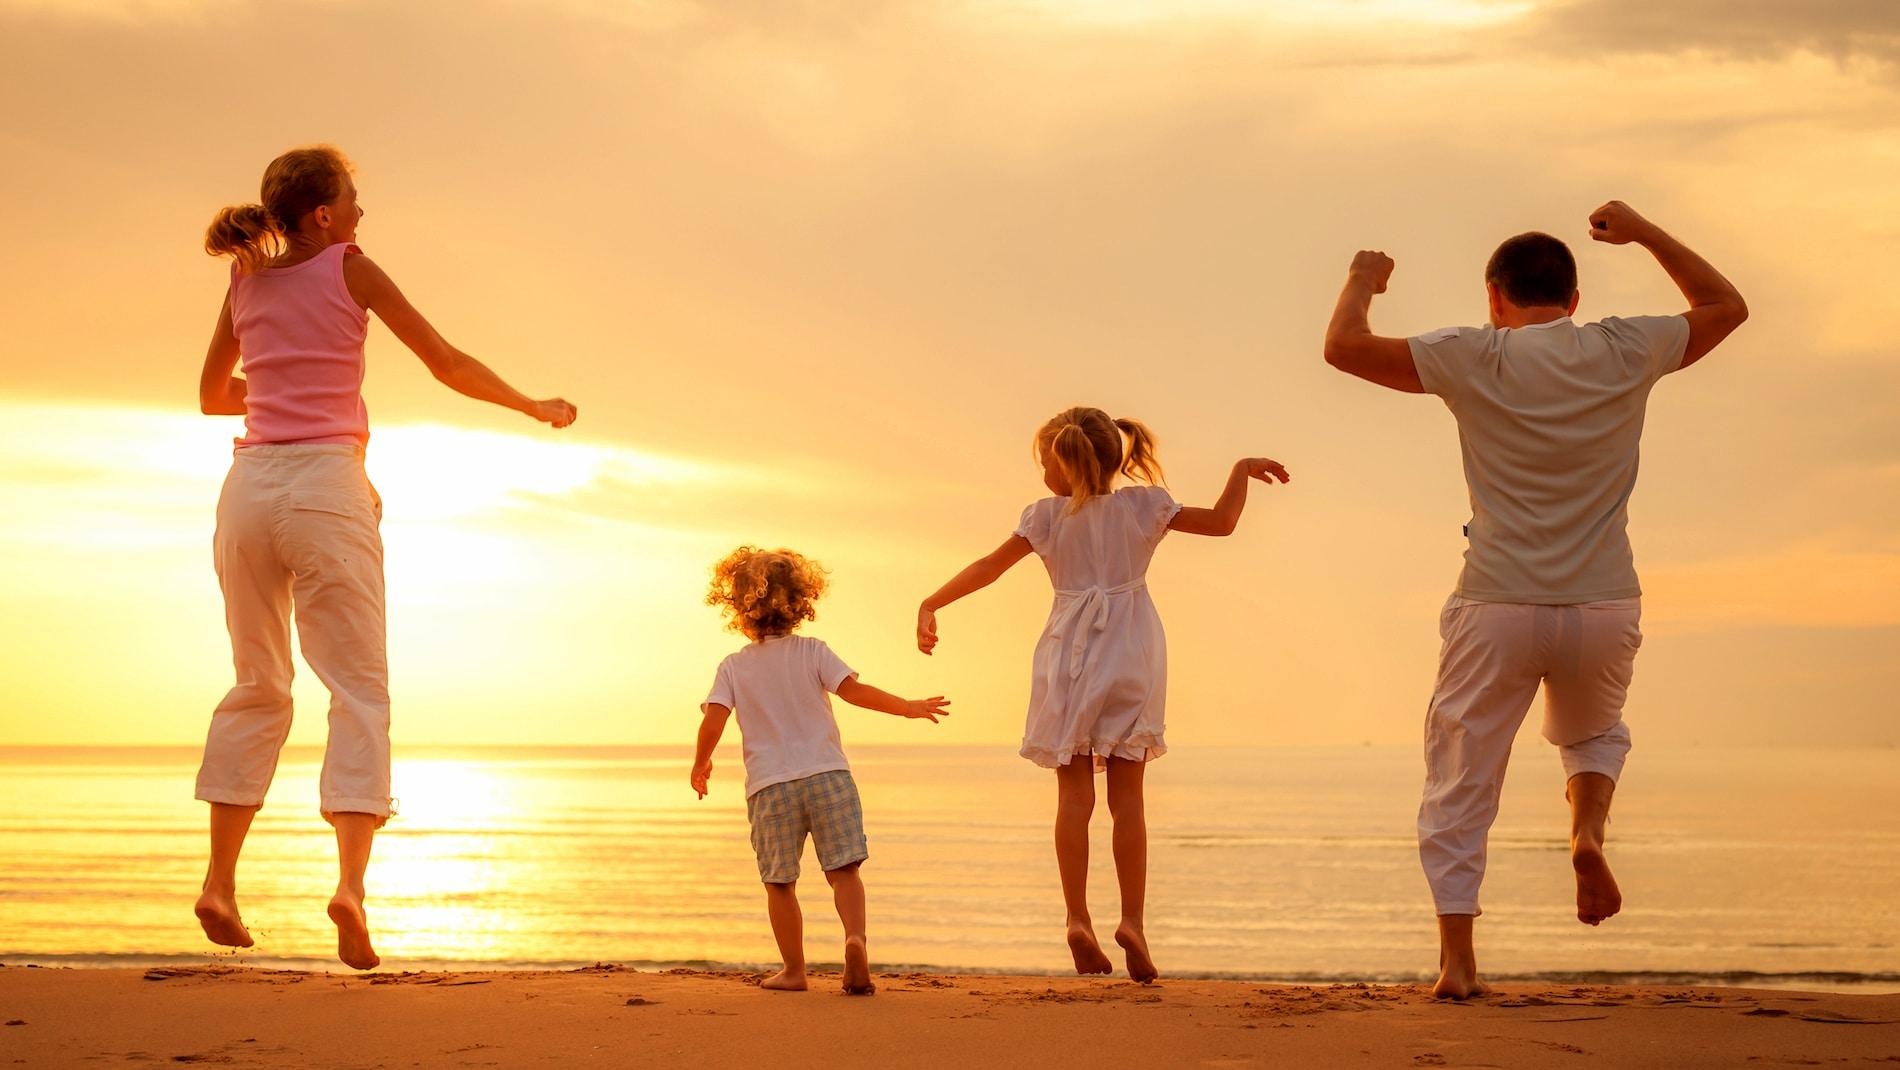 Страховщику, фото с надписью семья это главное в жизни